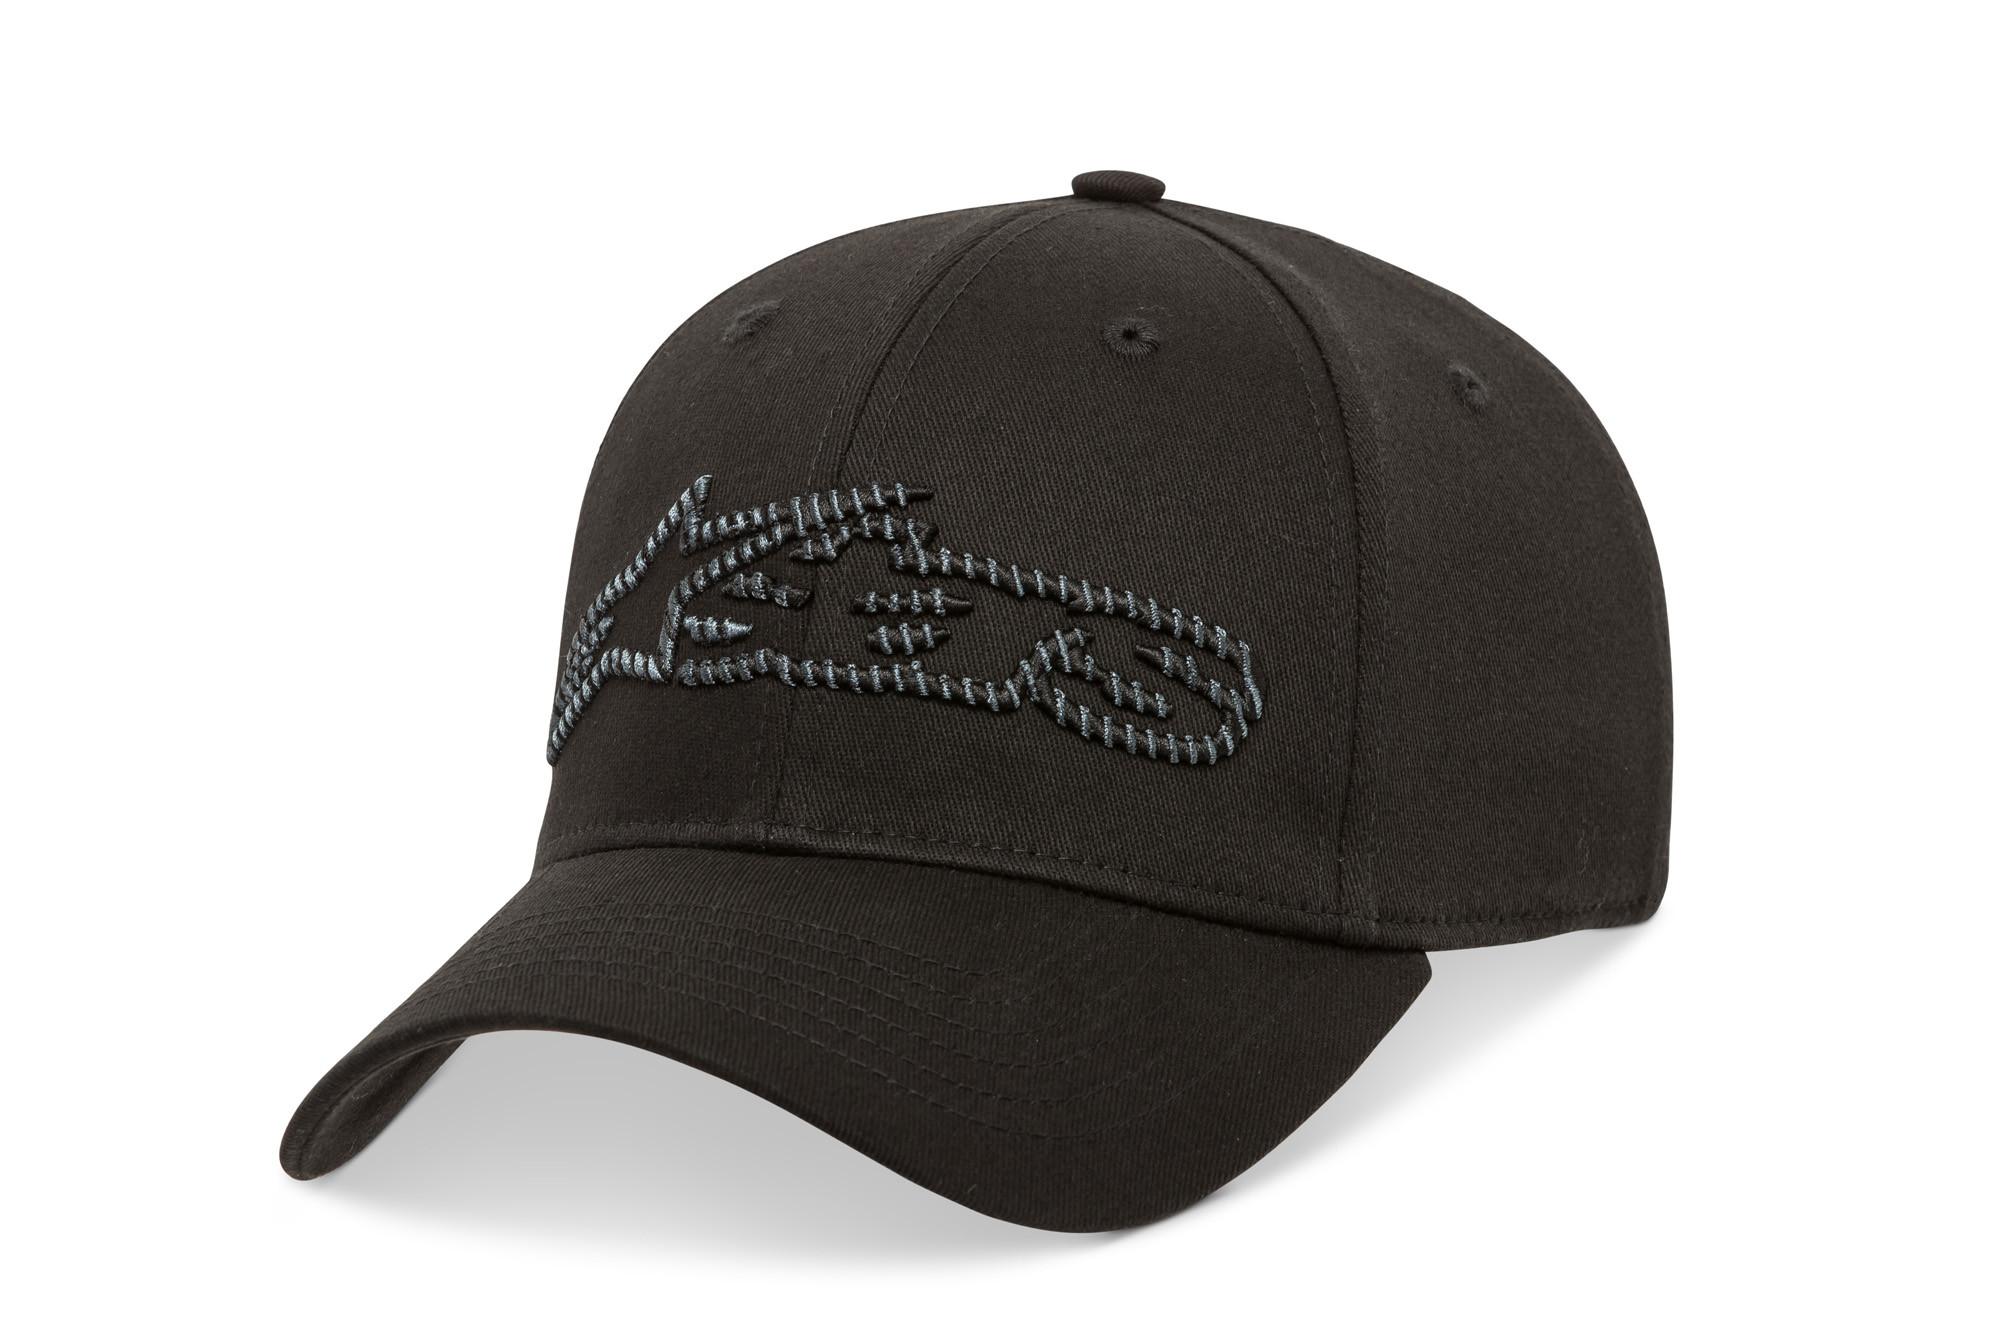 ef74887c601e2 Details about Alpinestars BLAZE FADER HAT